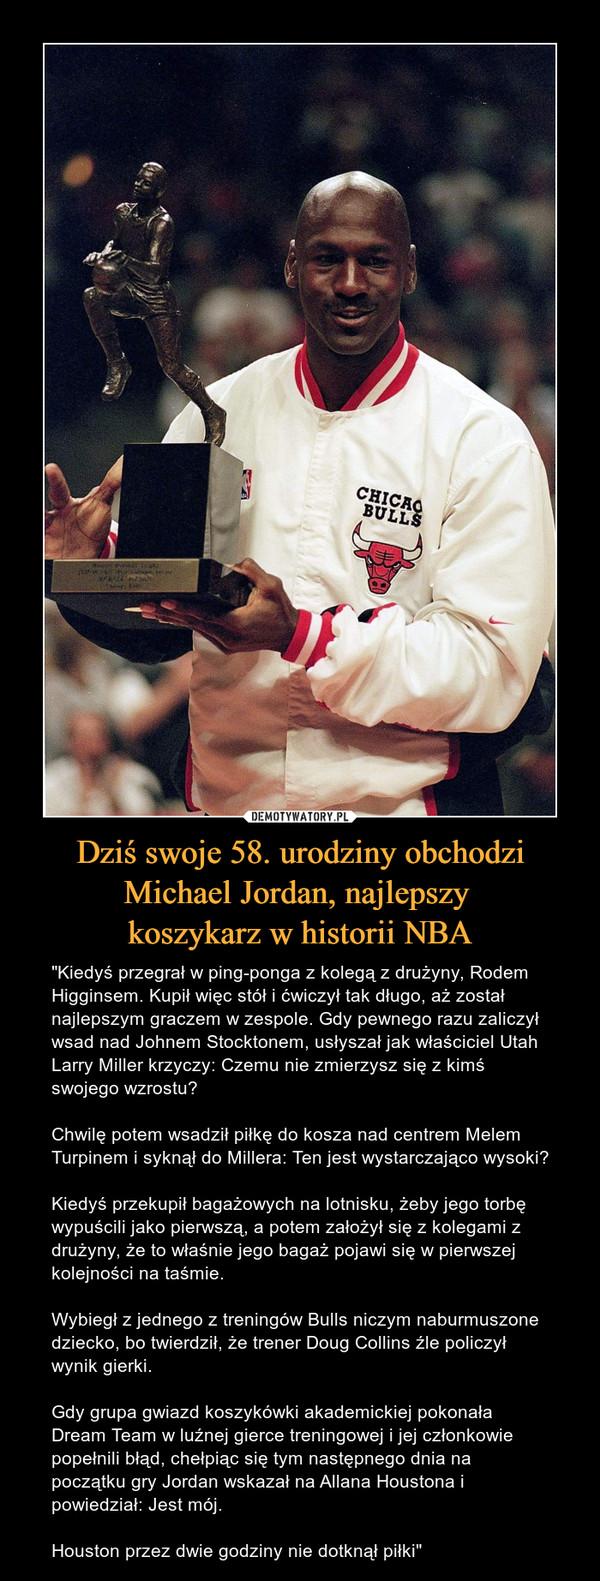 """Dziś swoje 58. urodziny obchodzi Michael Jordan, najlepszy koszykarz w historii NBA – """"Kiedyś przegrał w ping-ponga z kolegą z drużyny, Rodem Higginsem. Kupił więc stół i ćwiczył tak długo, aż został najlepszym graczem w zespole. Gdy pewnego razu zaliczył wsad nad Johnem Stocktonem, usłyszał jak właściciel Utah Larry Miller krzyczy: Czemu nie zmierzysz się z kimś swojego wzrostu?Chwilę potem wsadził piłkę do kosza nad centrem Melem Turpinem i syknął do Millera: Ten jest wystarczająco wysoki?Kiedyś przekupił bagażowych na lotnisku, żeby jego torbę wypuścili jako pierwszą, a potem założył się z kolegami z drużyny, że to właśnie jego bagaż pojawi się w pierwszej kolejności na taśmie.Wybiegł z jednego z treningów Bulls niczym naburmuszone dziecko, bo twierdził, że trener Doug Collins źle policzył wynik gierki.Gdy grupa gwiazd koszykówki akademickiej pokonała Dream Team w luźnej gierce treningowej i jej członkowie popełnili błąd, chełpiąc się tym następnego dnia na początku gry Jordan wskazał na Allana Houstona i powiedział: Jest mój.Houston przez dwie godziny nie dotknął piłki"""""""